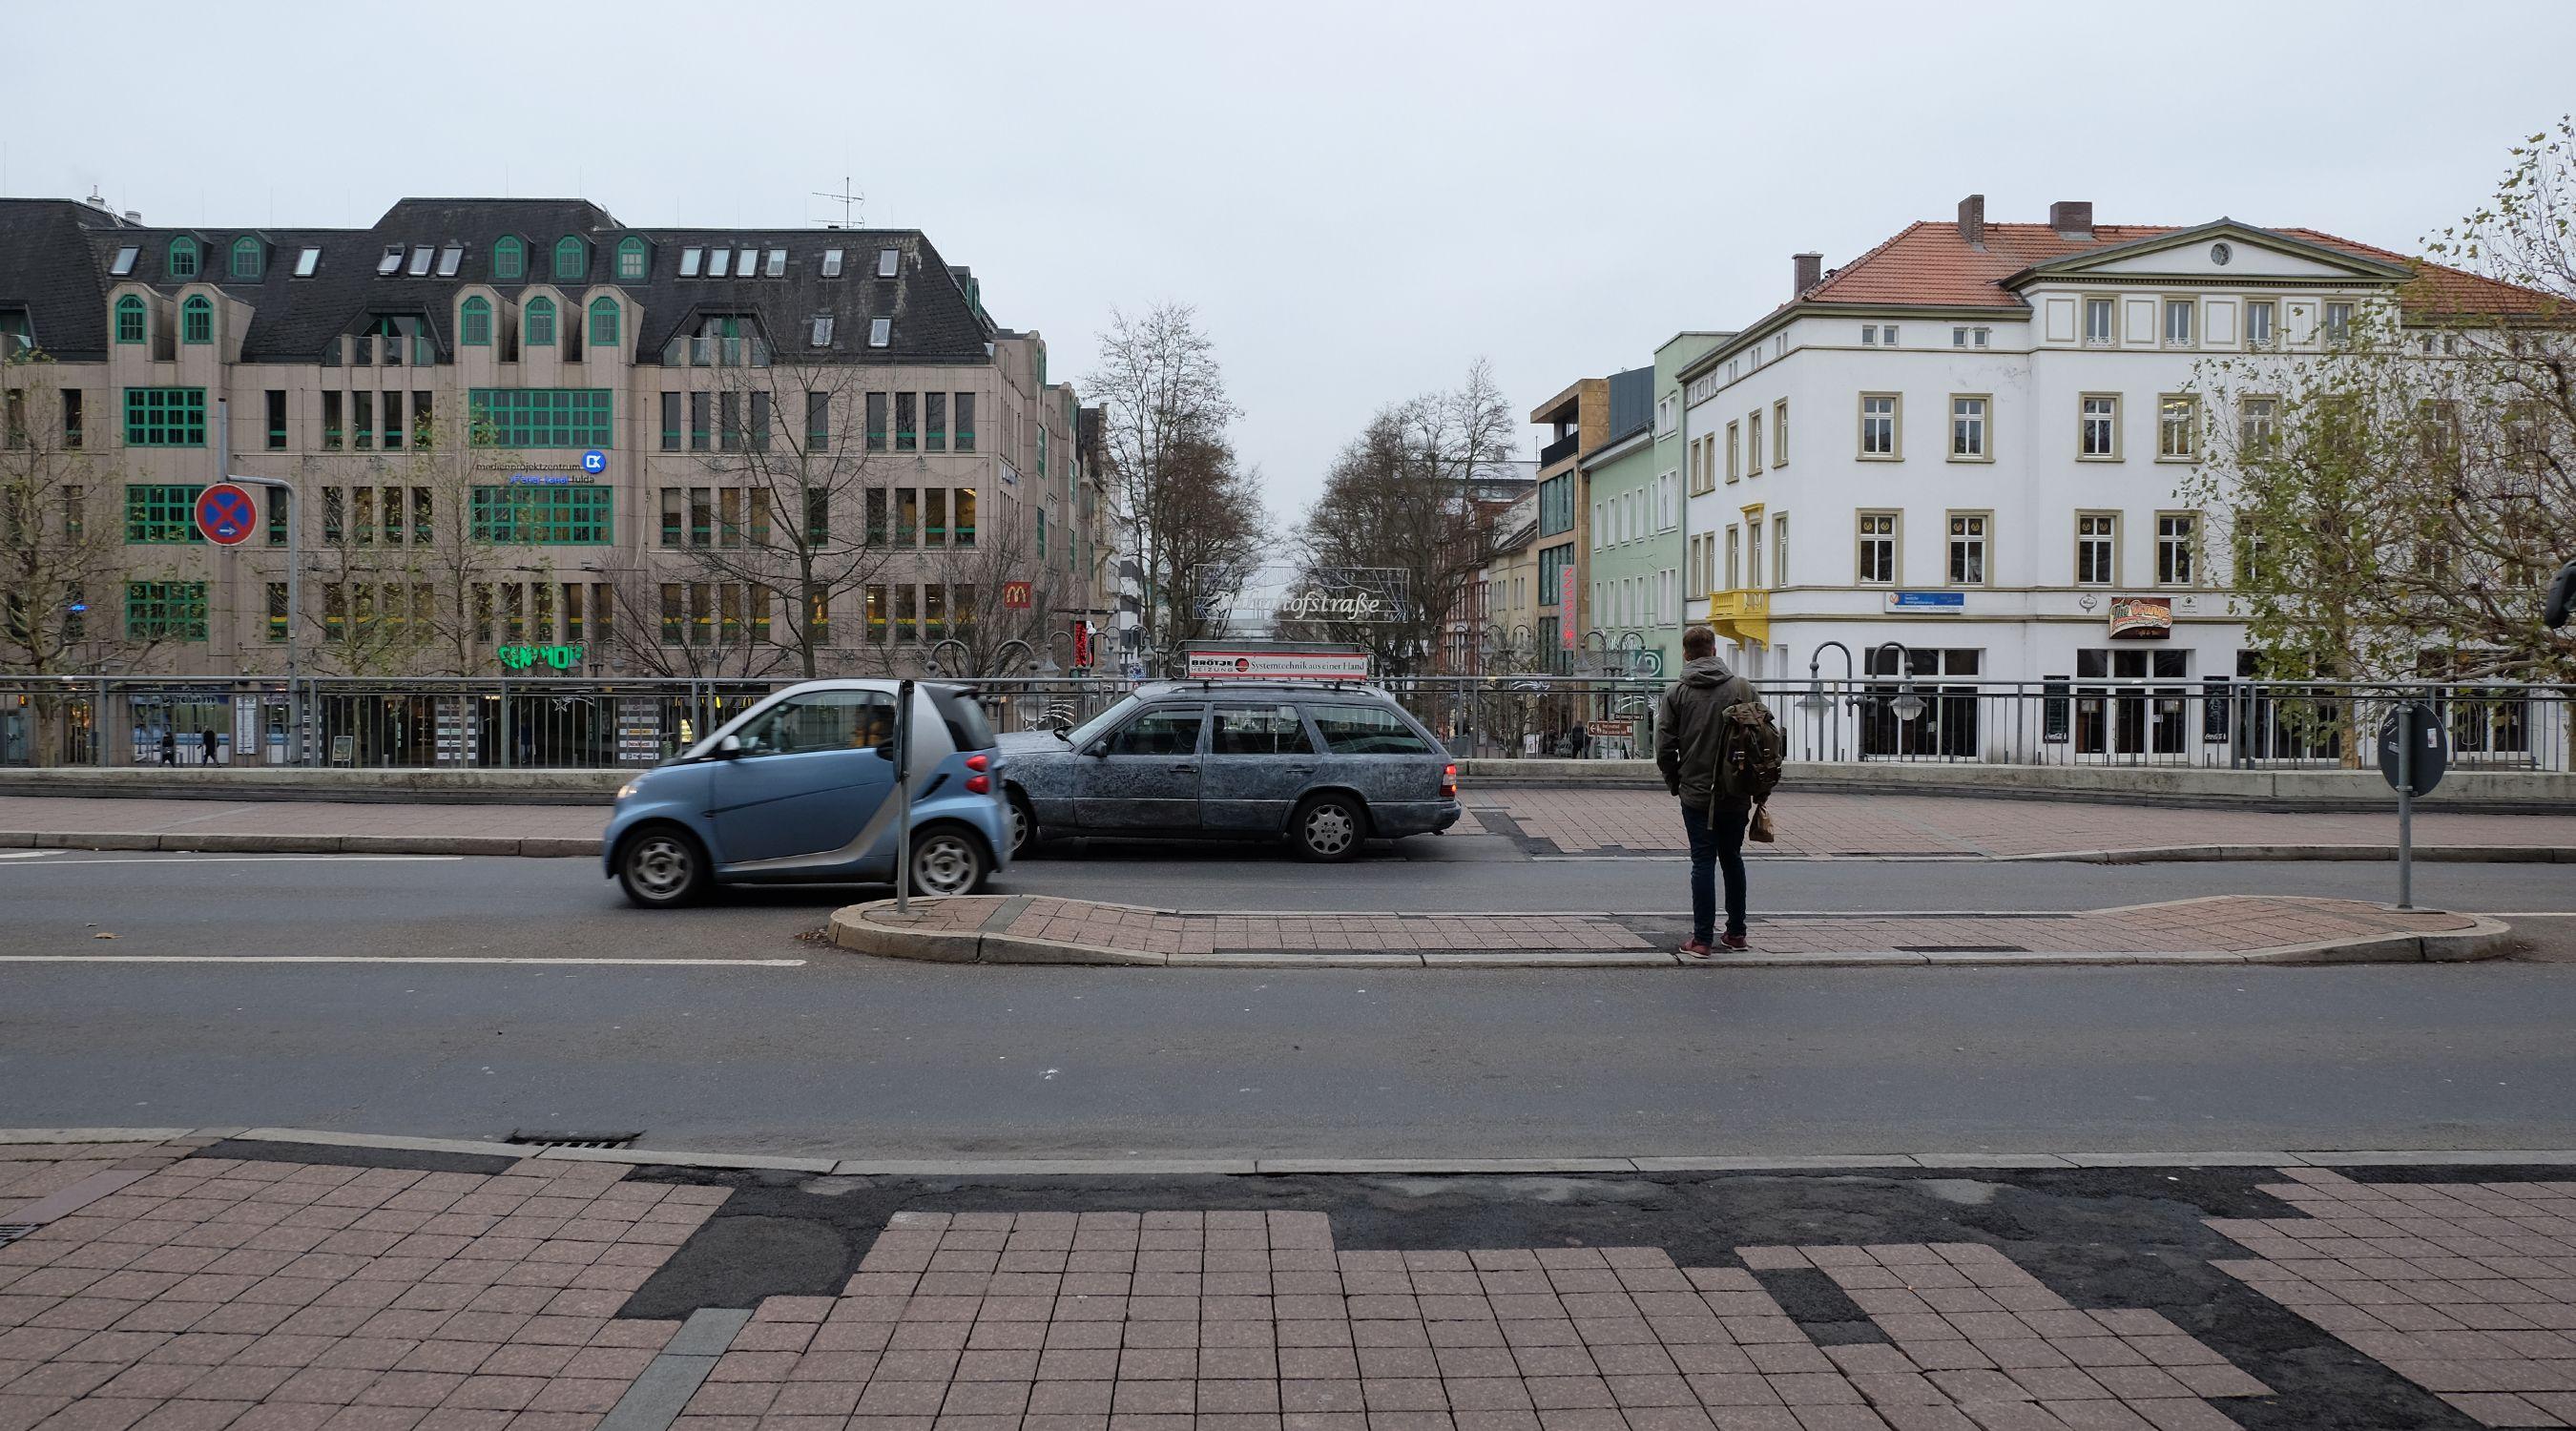 Bahnhofsplatz Fulda